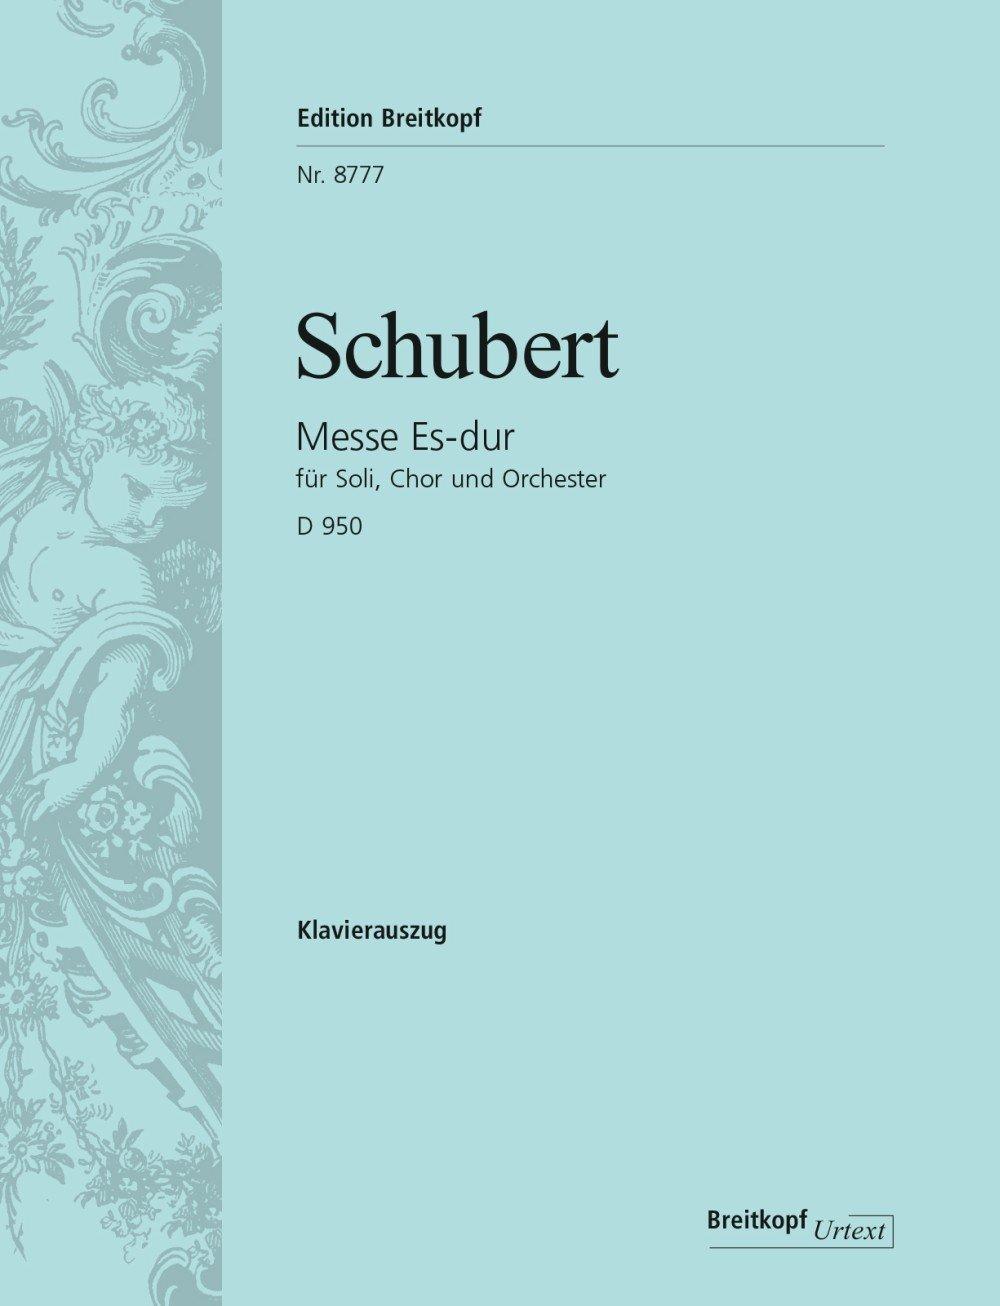 Messe Es-Dur d 950 (Allemand) Partition – 1 janvier 2000 Franz Schubert Breitkopf B000AFDXNG Geisteswissenschaften